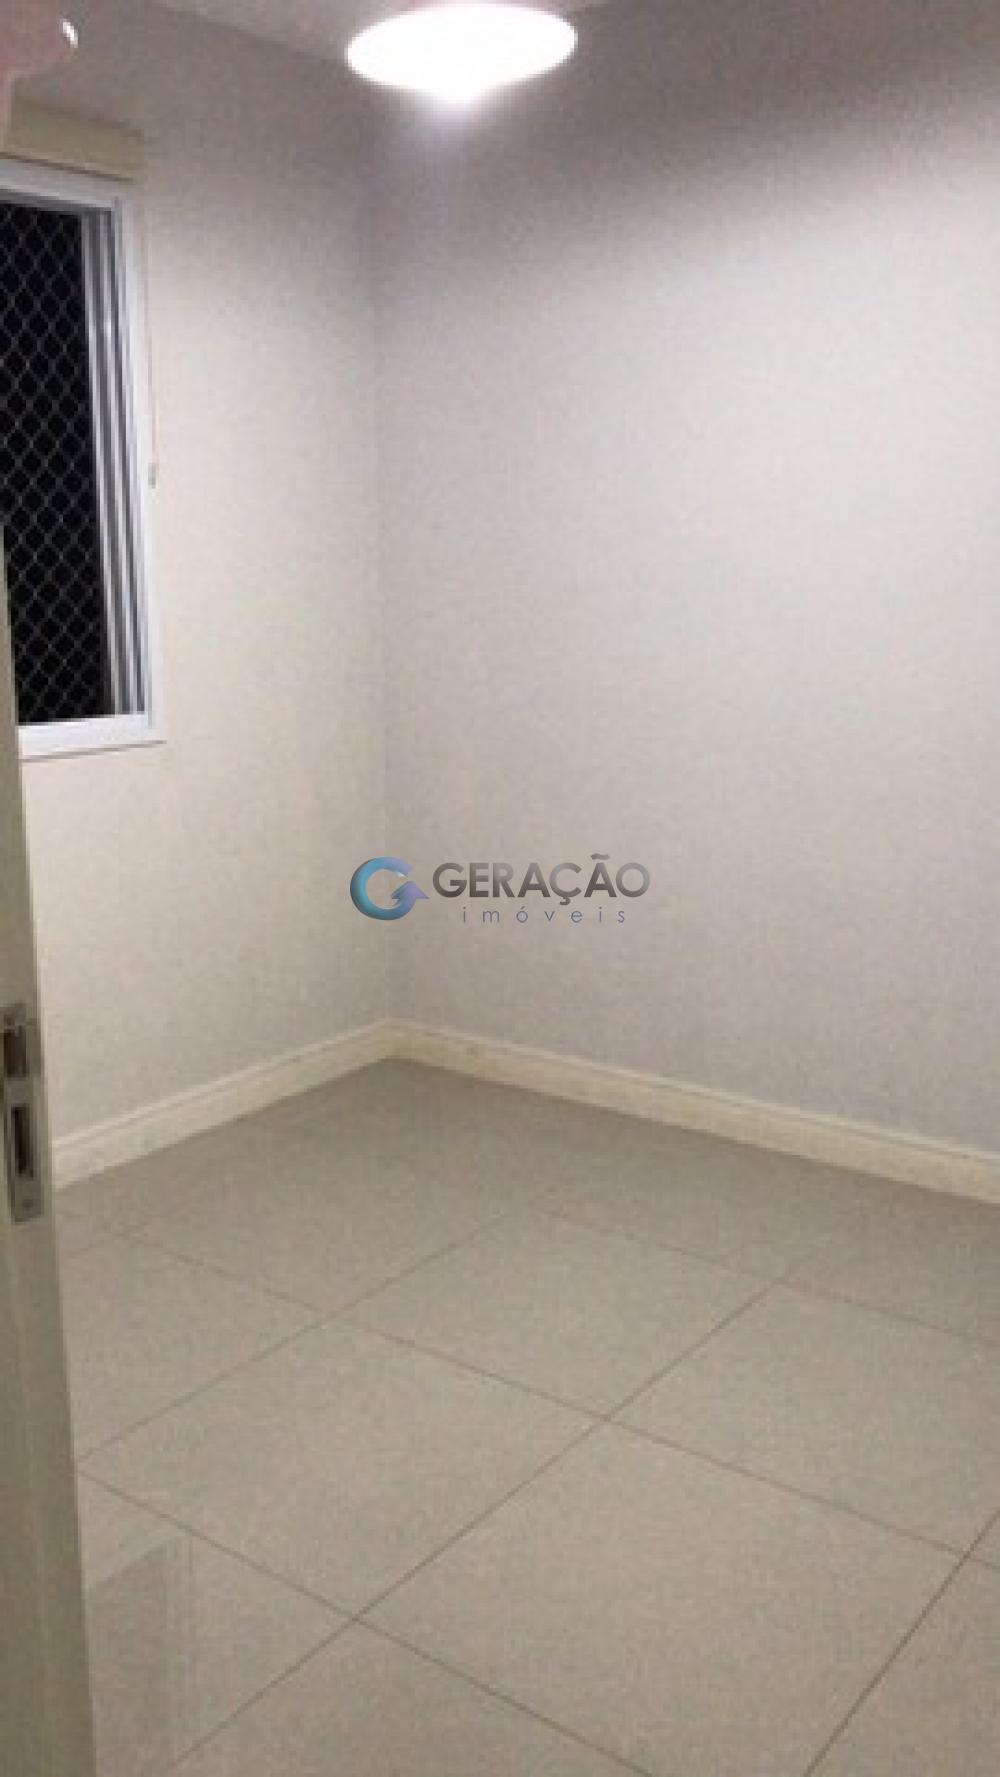 Comprar Apartamento / Padrão em São José dos Campos R$ 352.000,00 - Foto 15